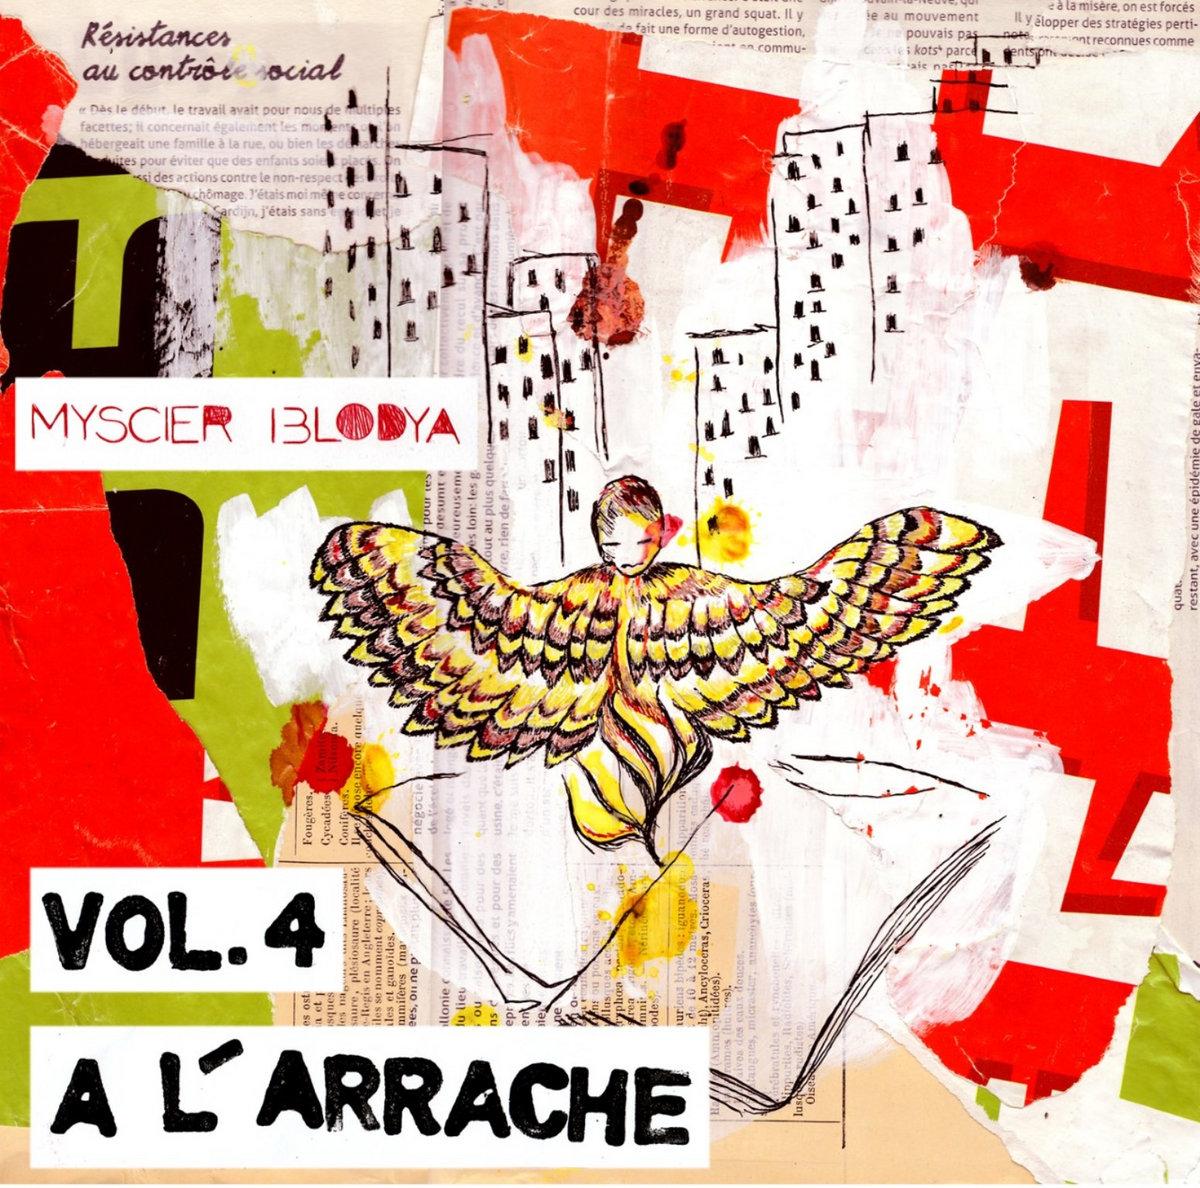 7 Do Les Miennes Mots Parles 2012 Myscier Blodya